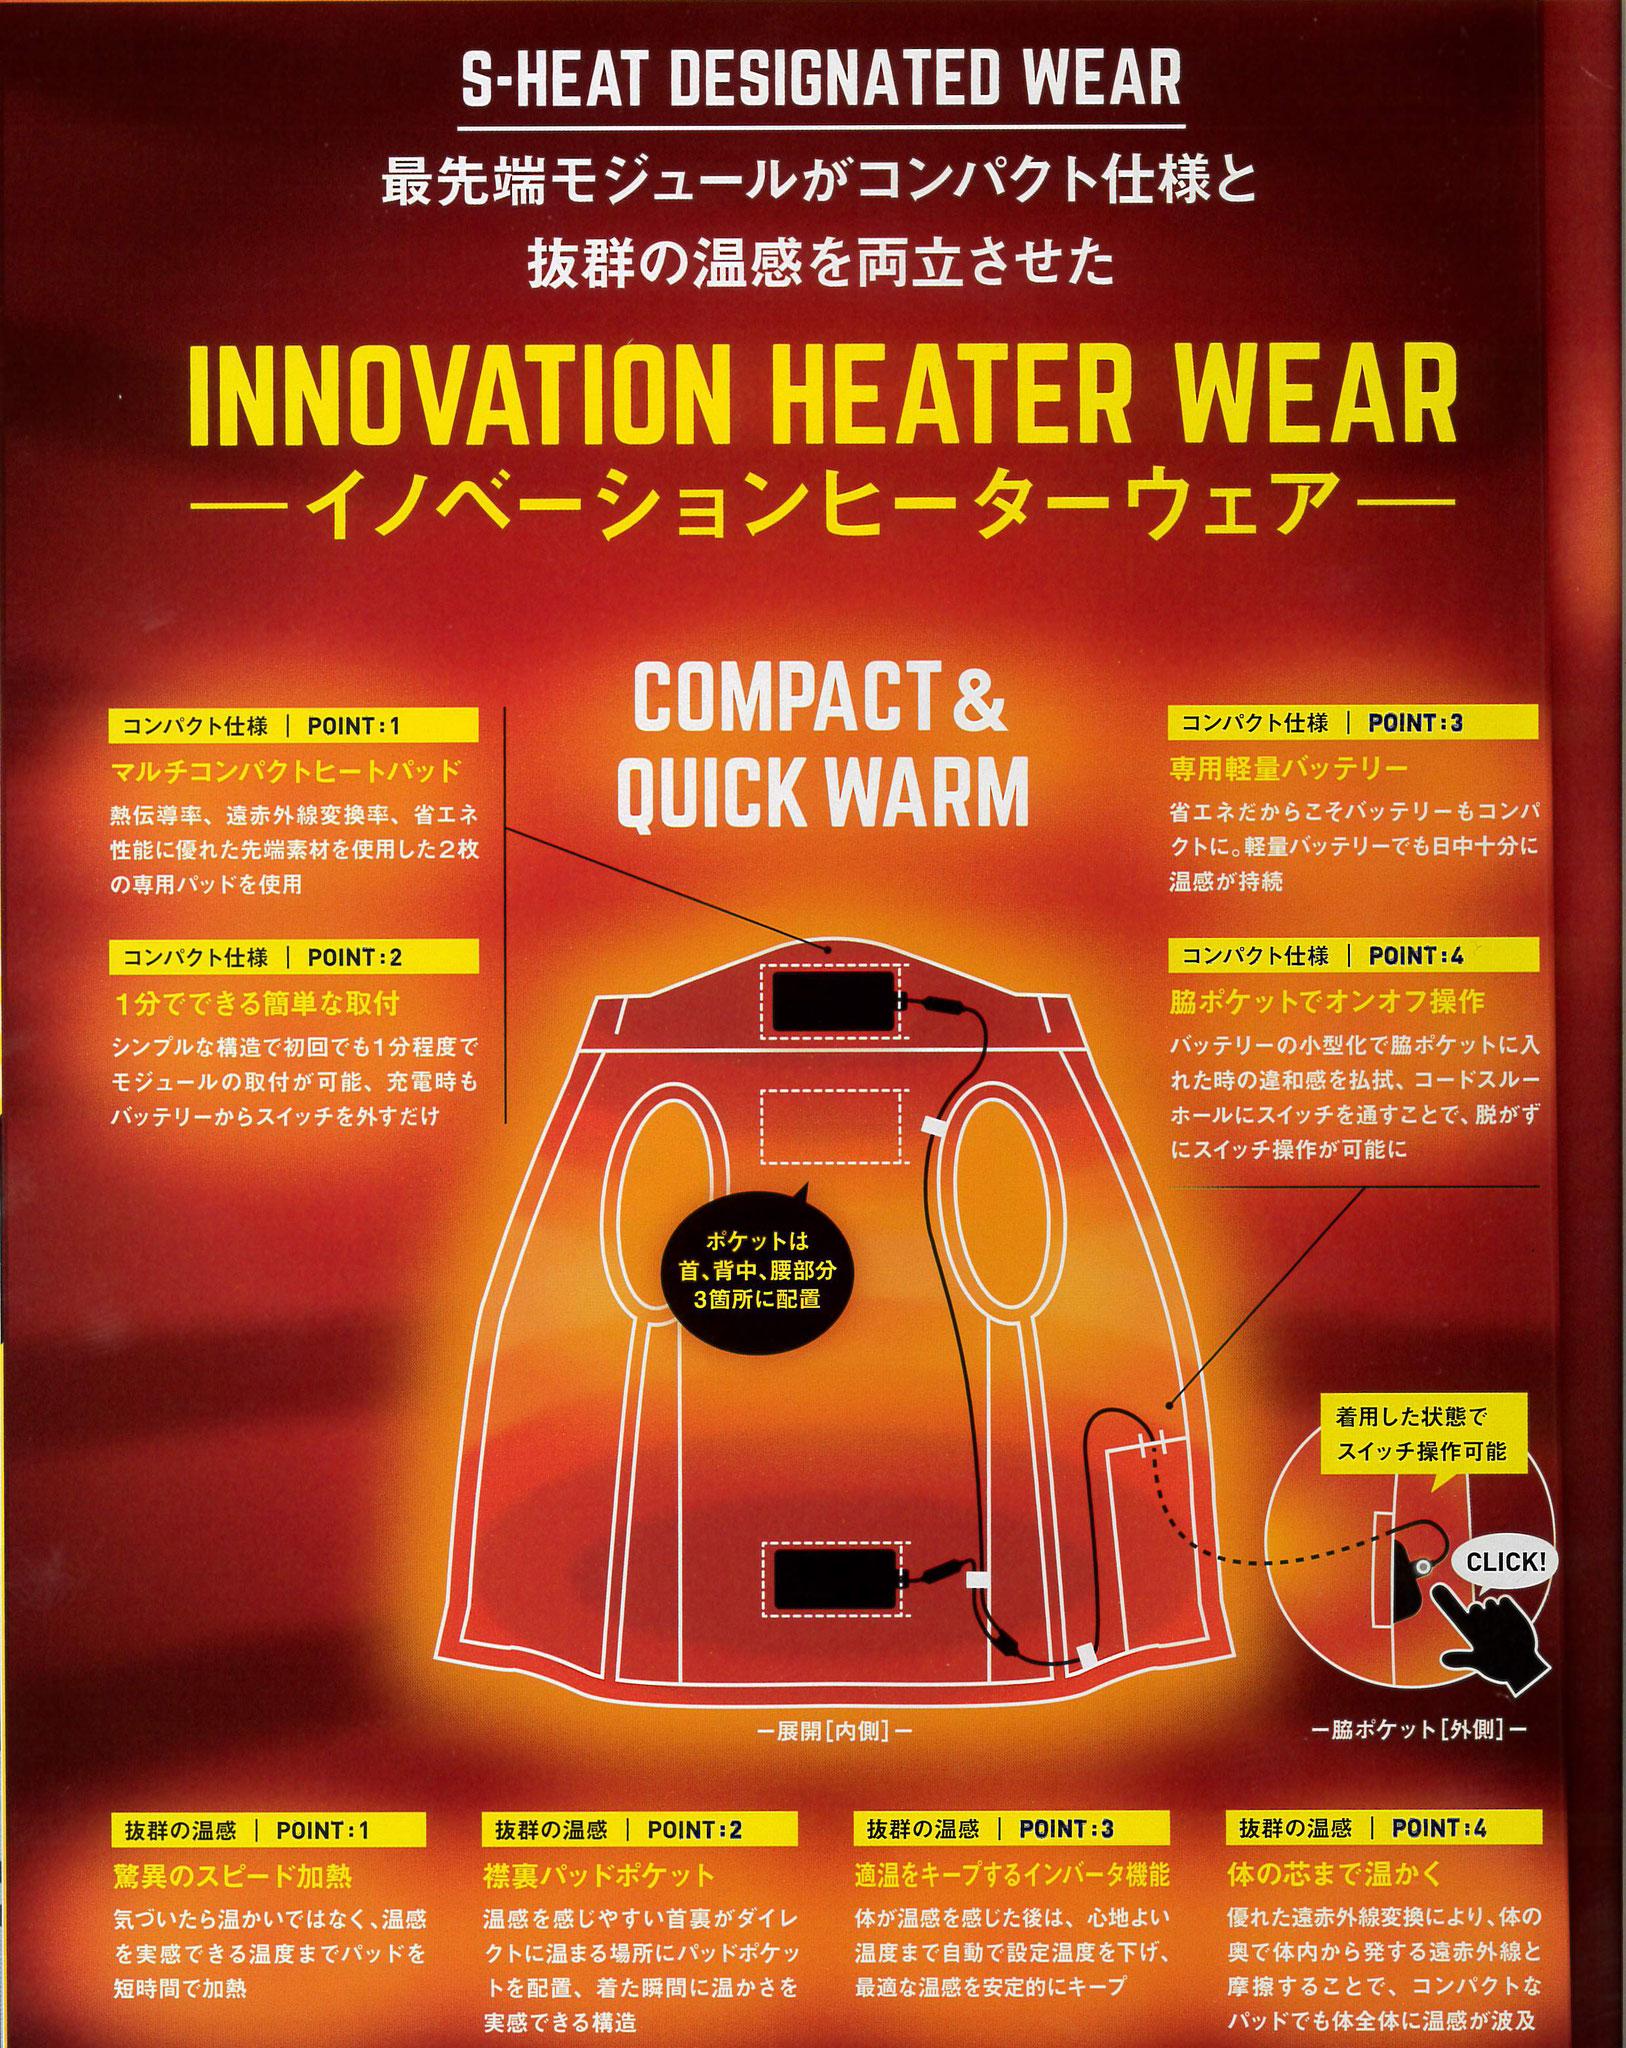 S-HEAT~エス・ヒート~暖房機器 08900シリーズ。赤外線効果で、体全体が暖かくなります